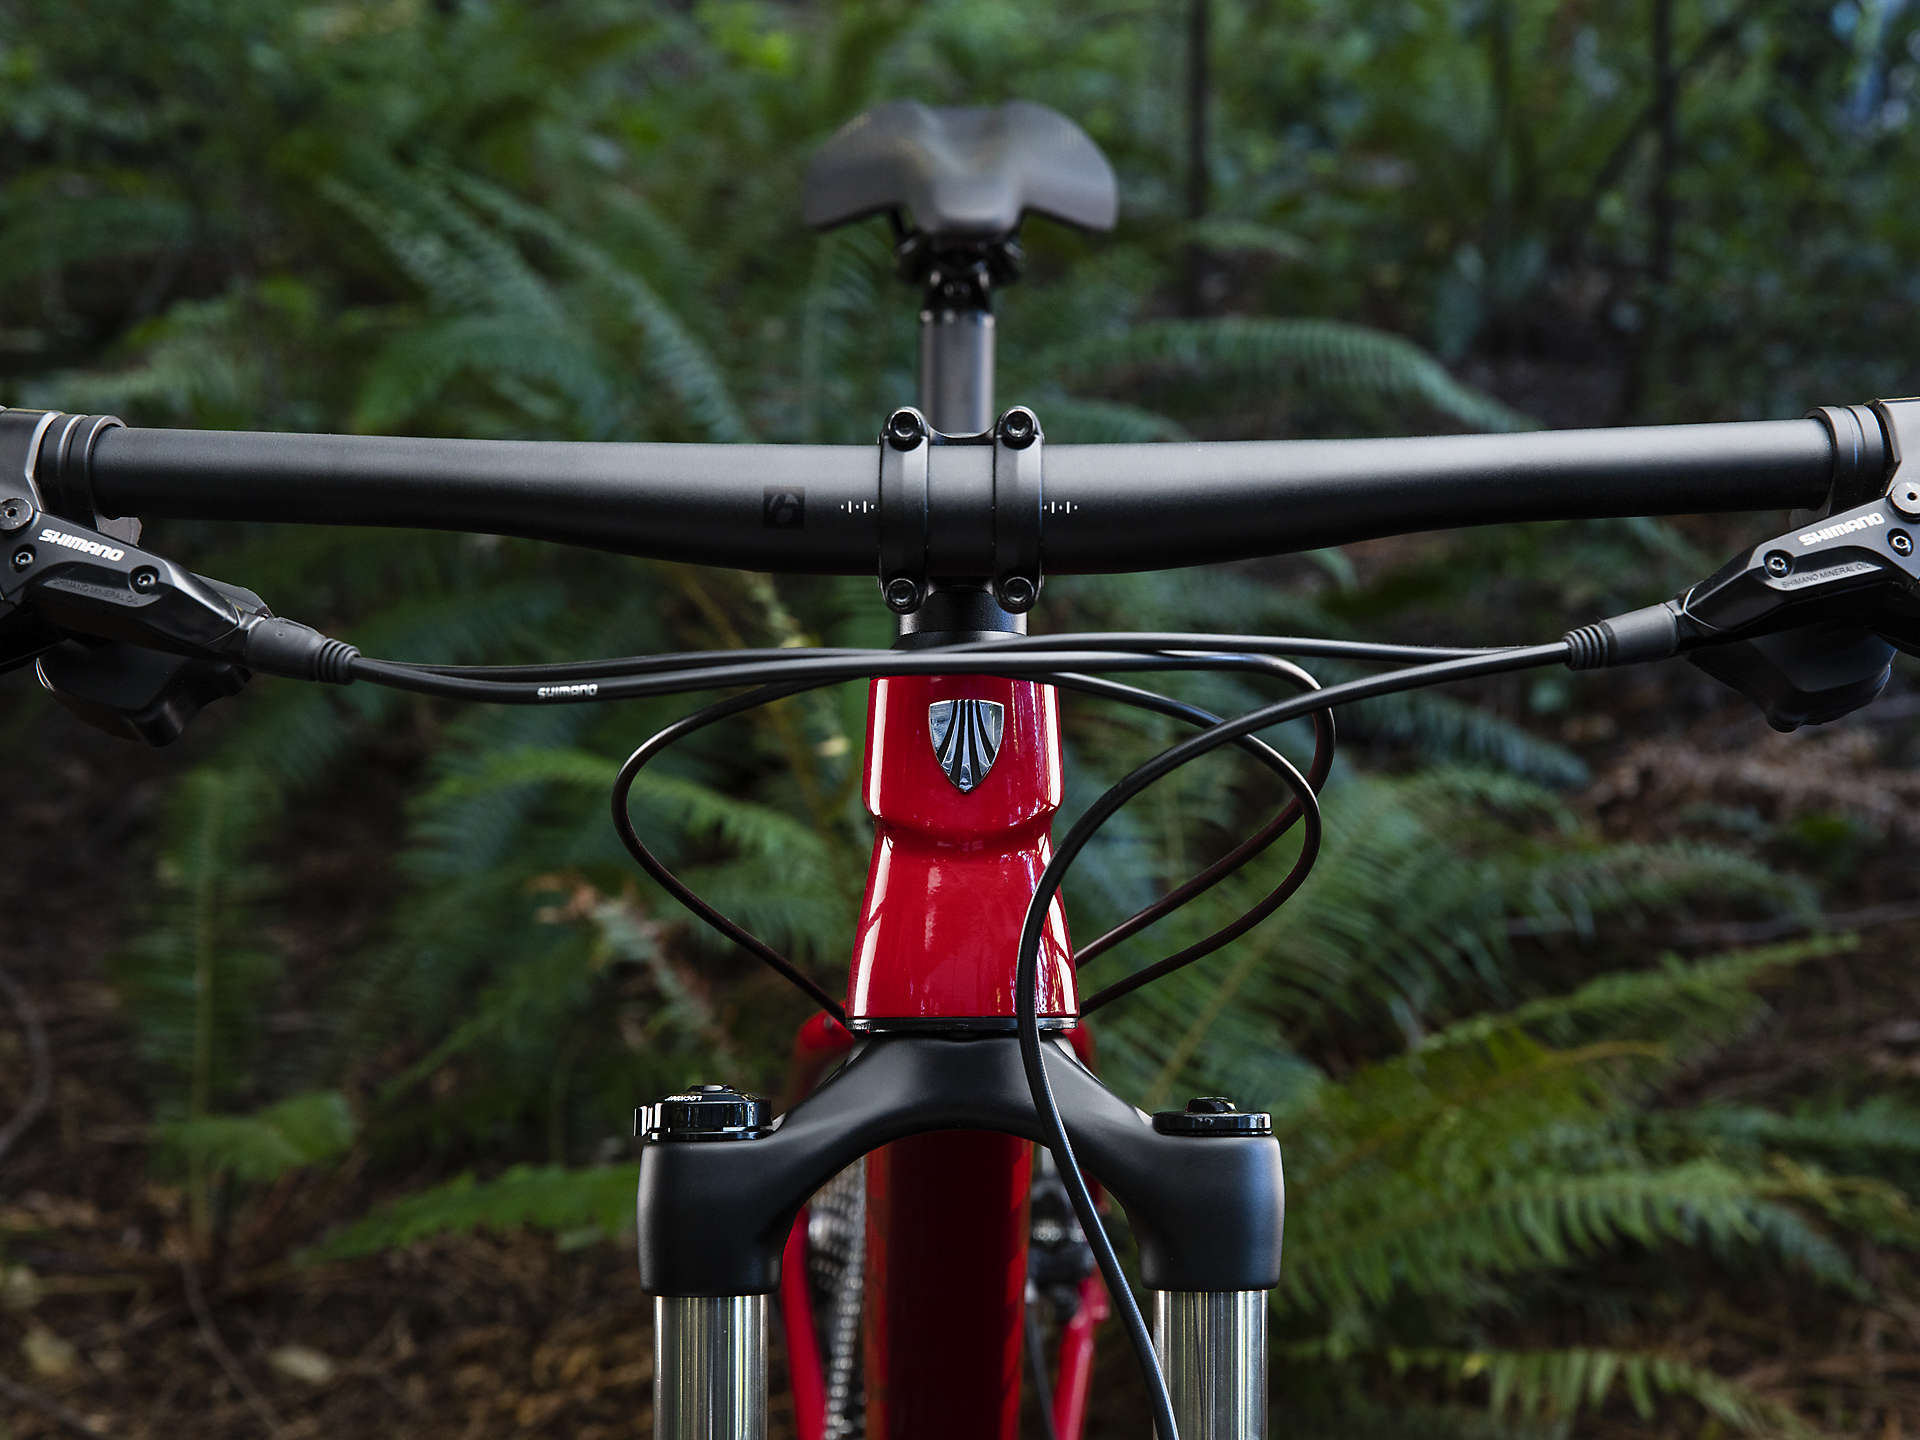 Bicicleta Trek X Caliber 8 - 2019 - R$6.160,00 - Tamanho 18,5